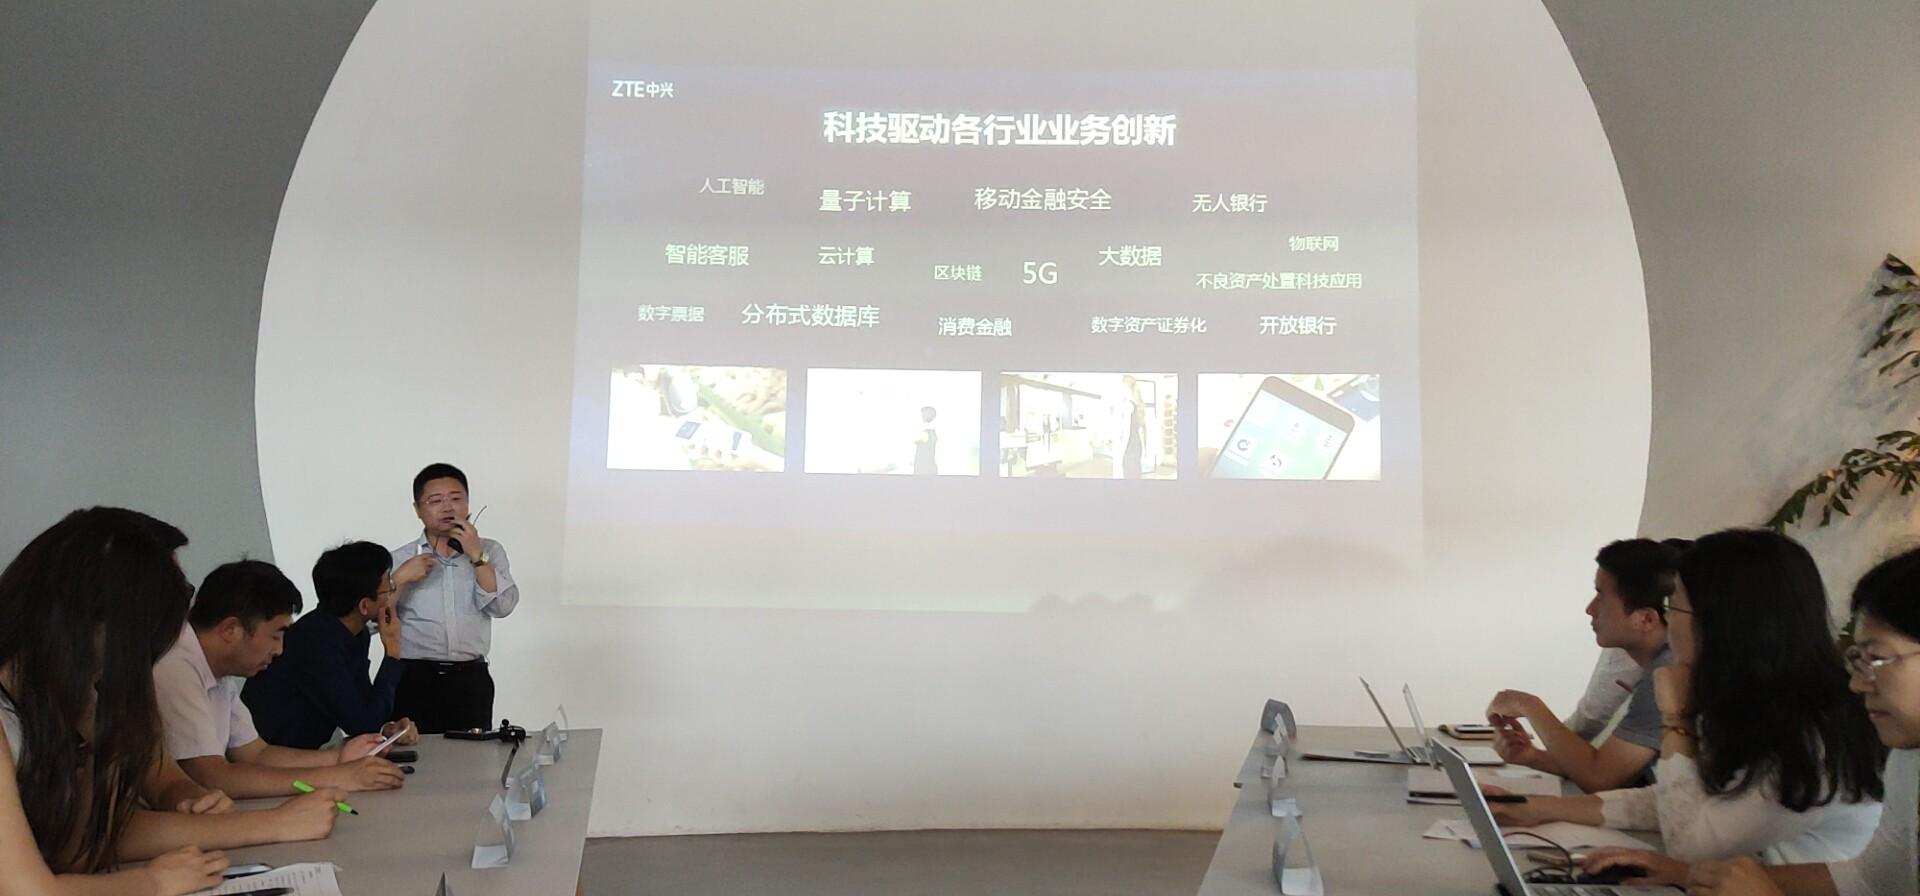 中兴GoldenDB数据库:为中国金融行业数字化赋能